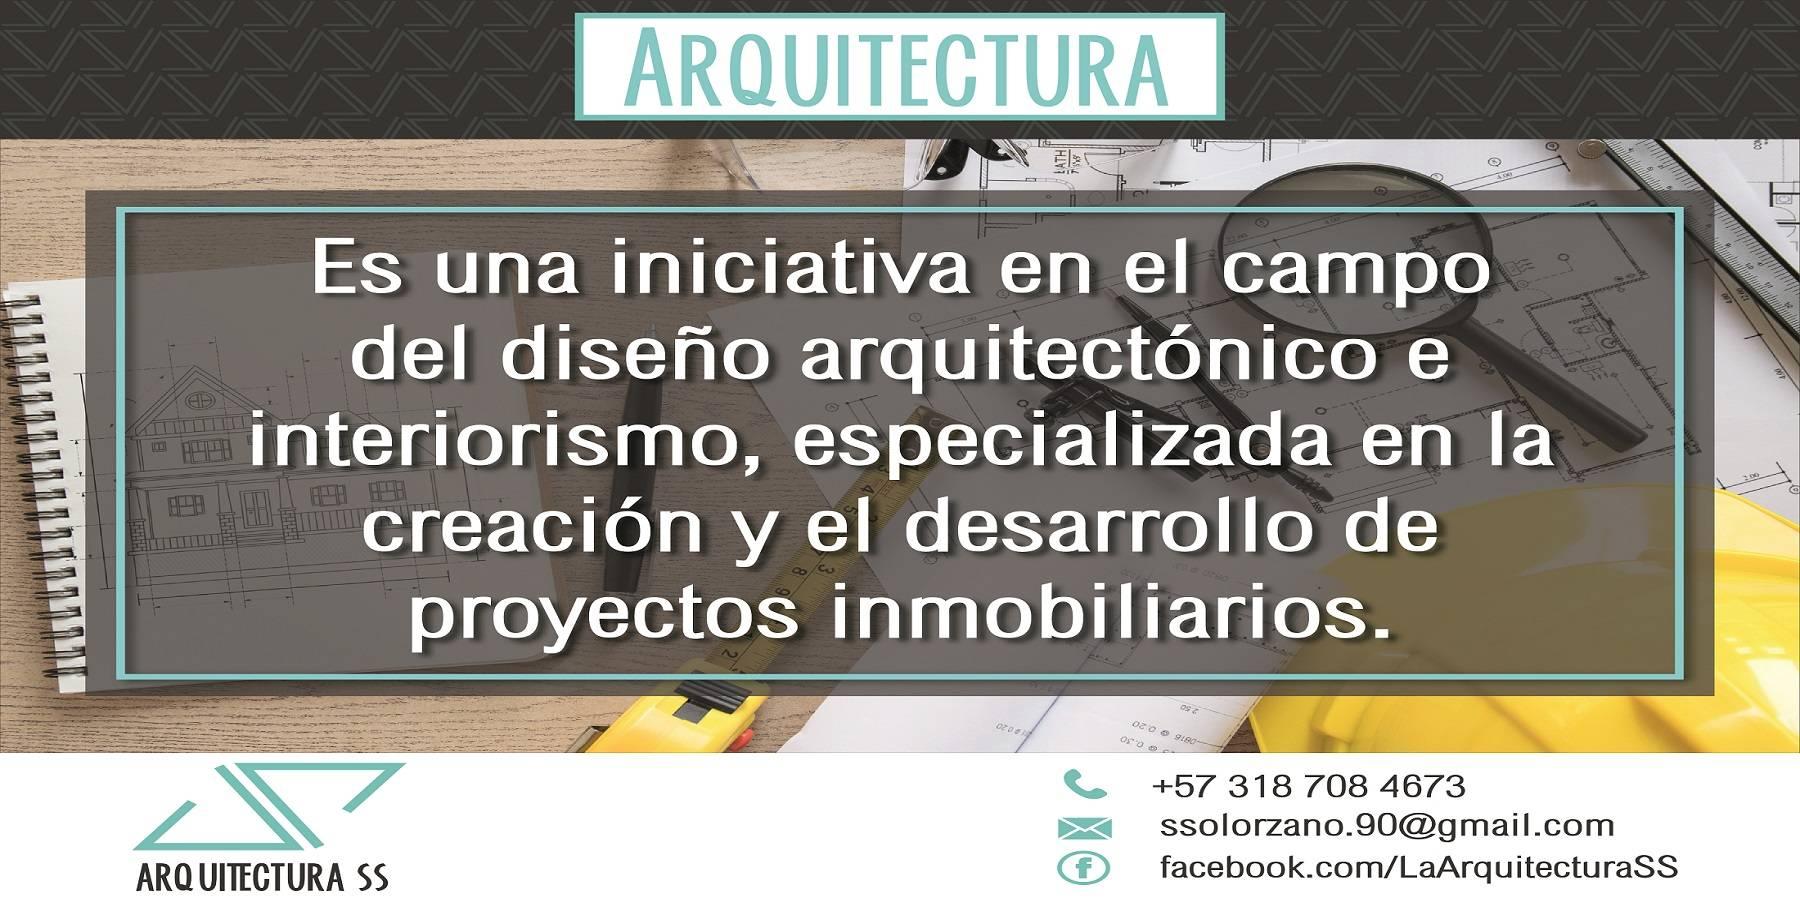 La Arquitectura: especialistas en el desarrollo de proyectos